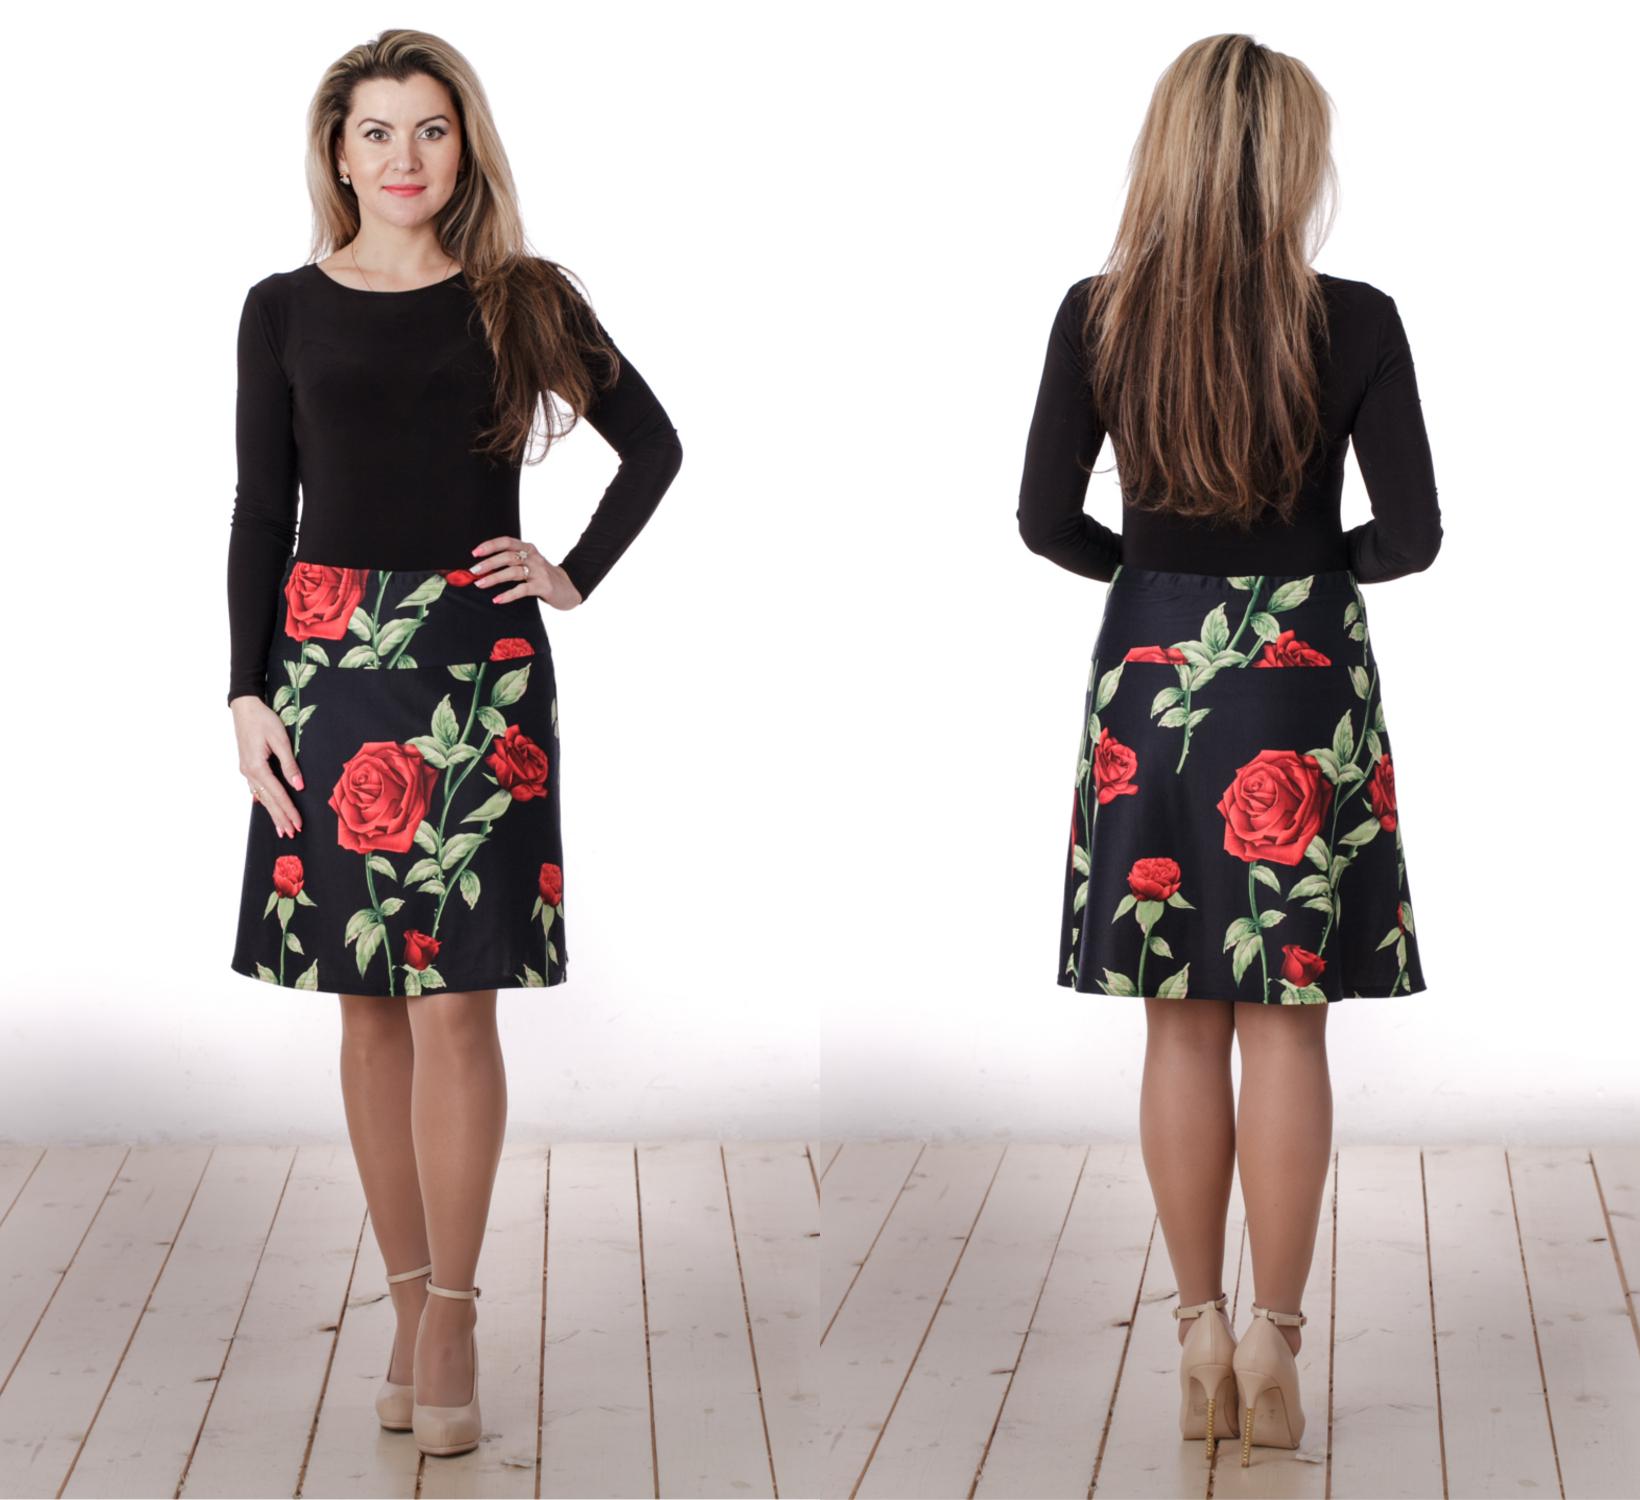 Cбор заказов. Платья, платья платья, различные модели на любую фигуру, Размеры 42-58, еще больше новых моделей, появились блузки и юбки-15